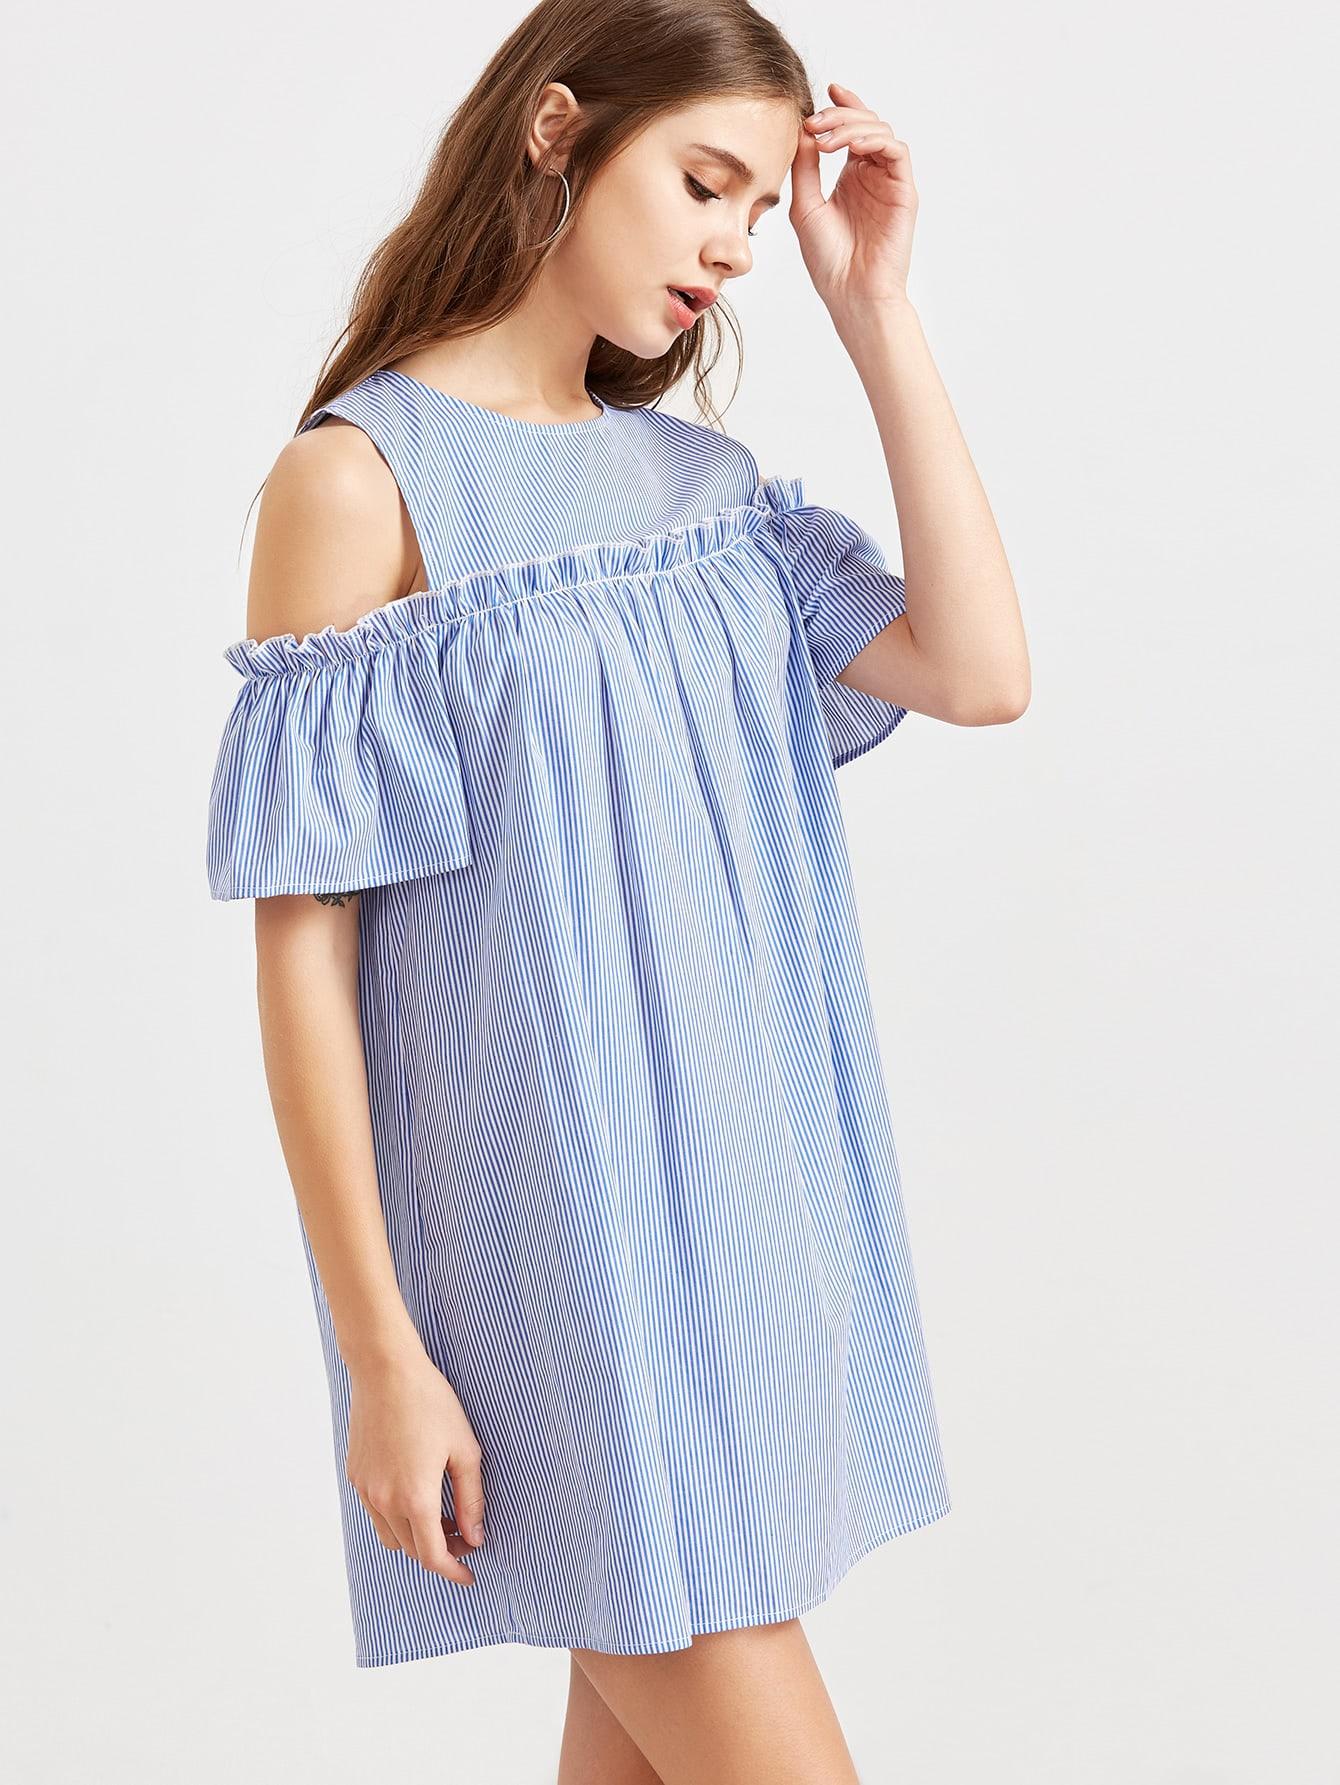 dress170213712_2